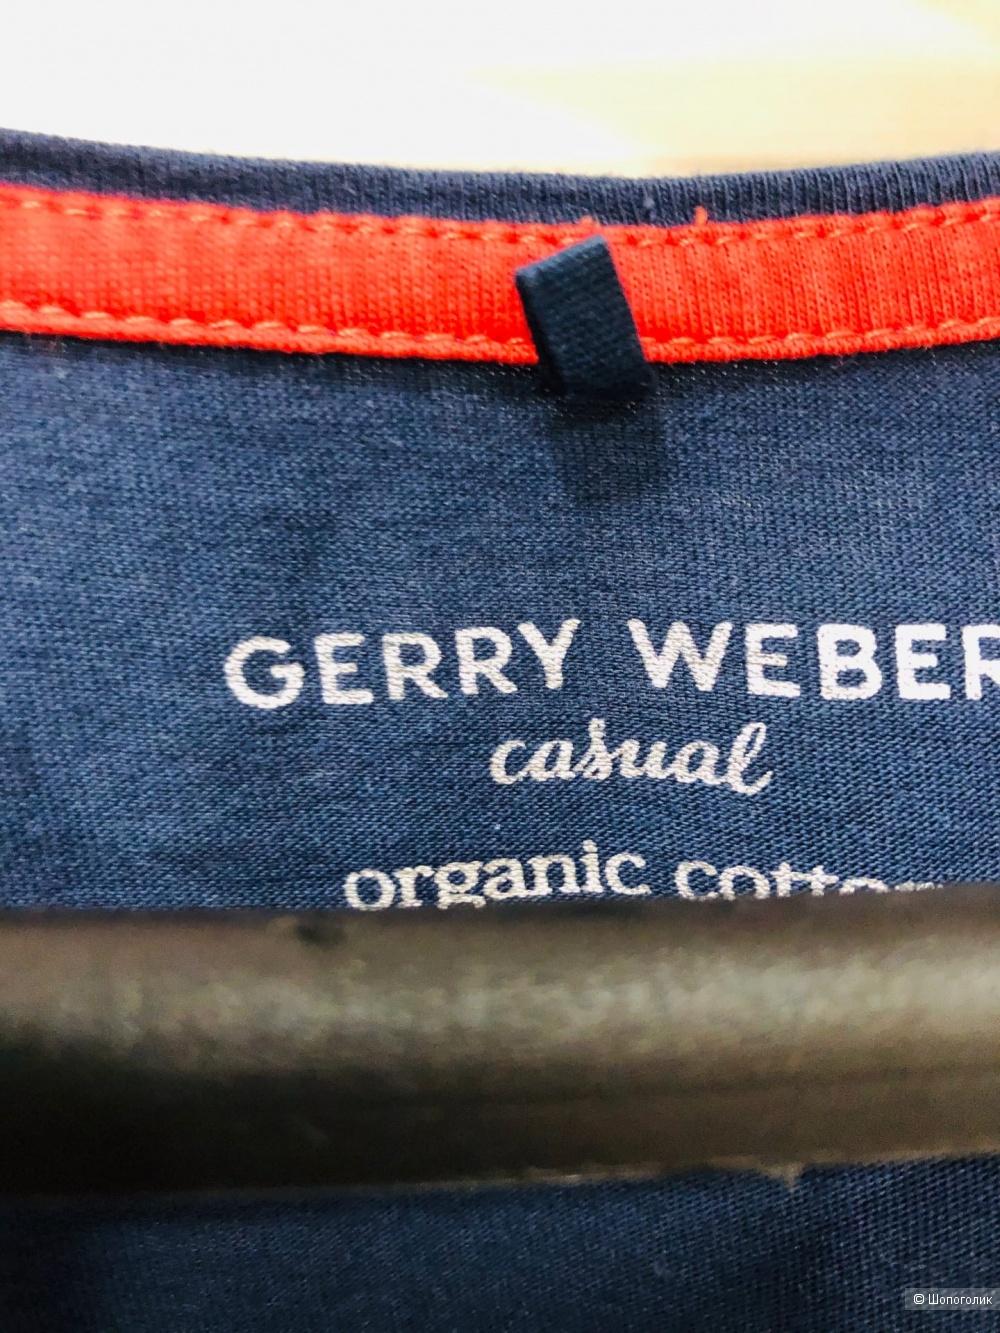 Футболка Gerry Weber.Размер 46-48.